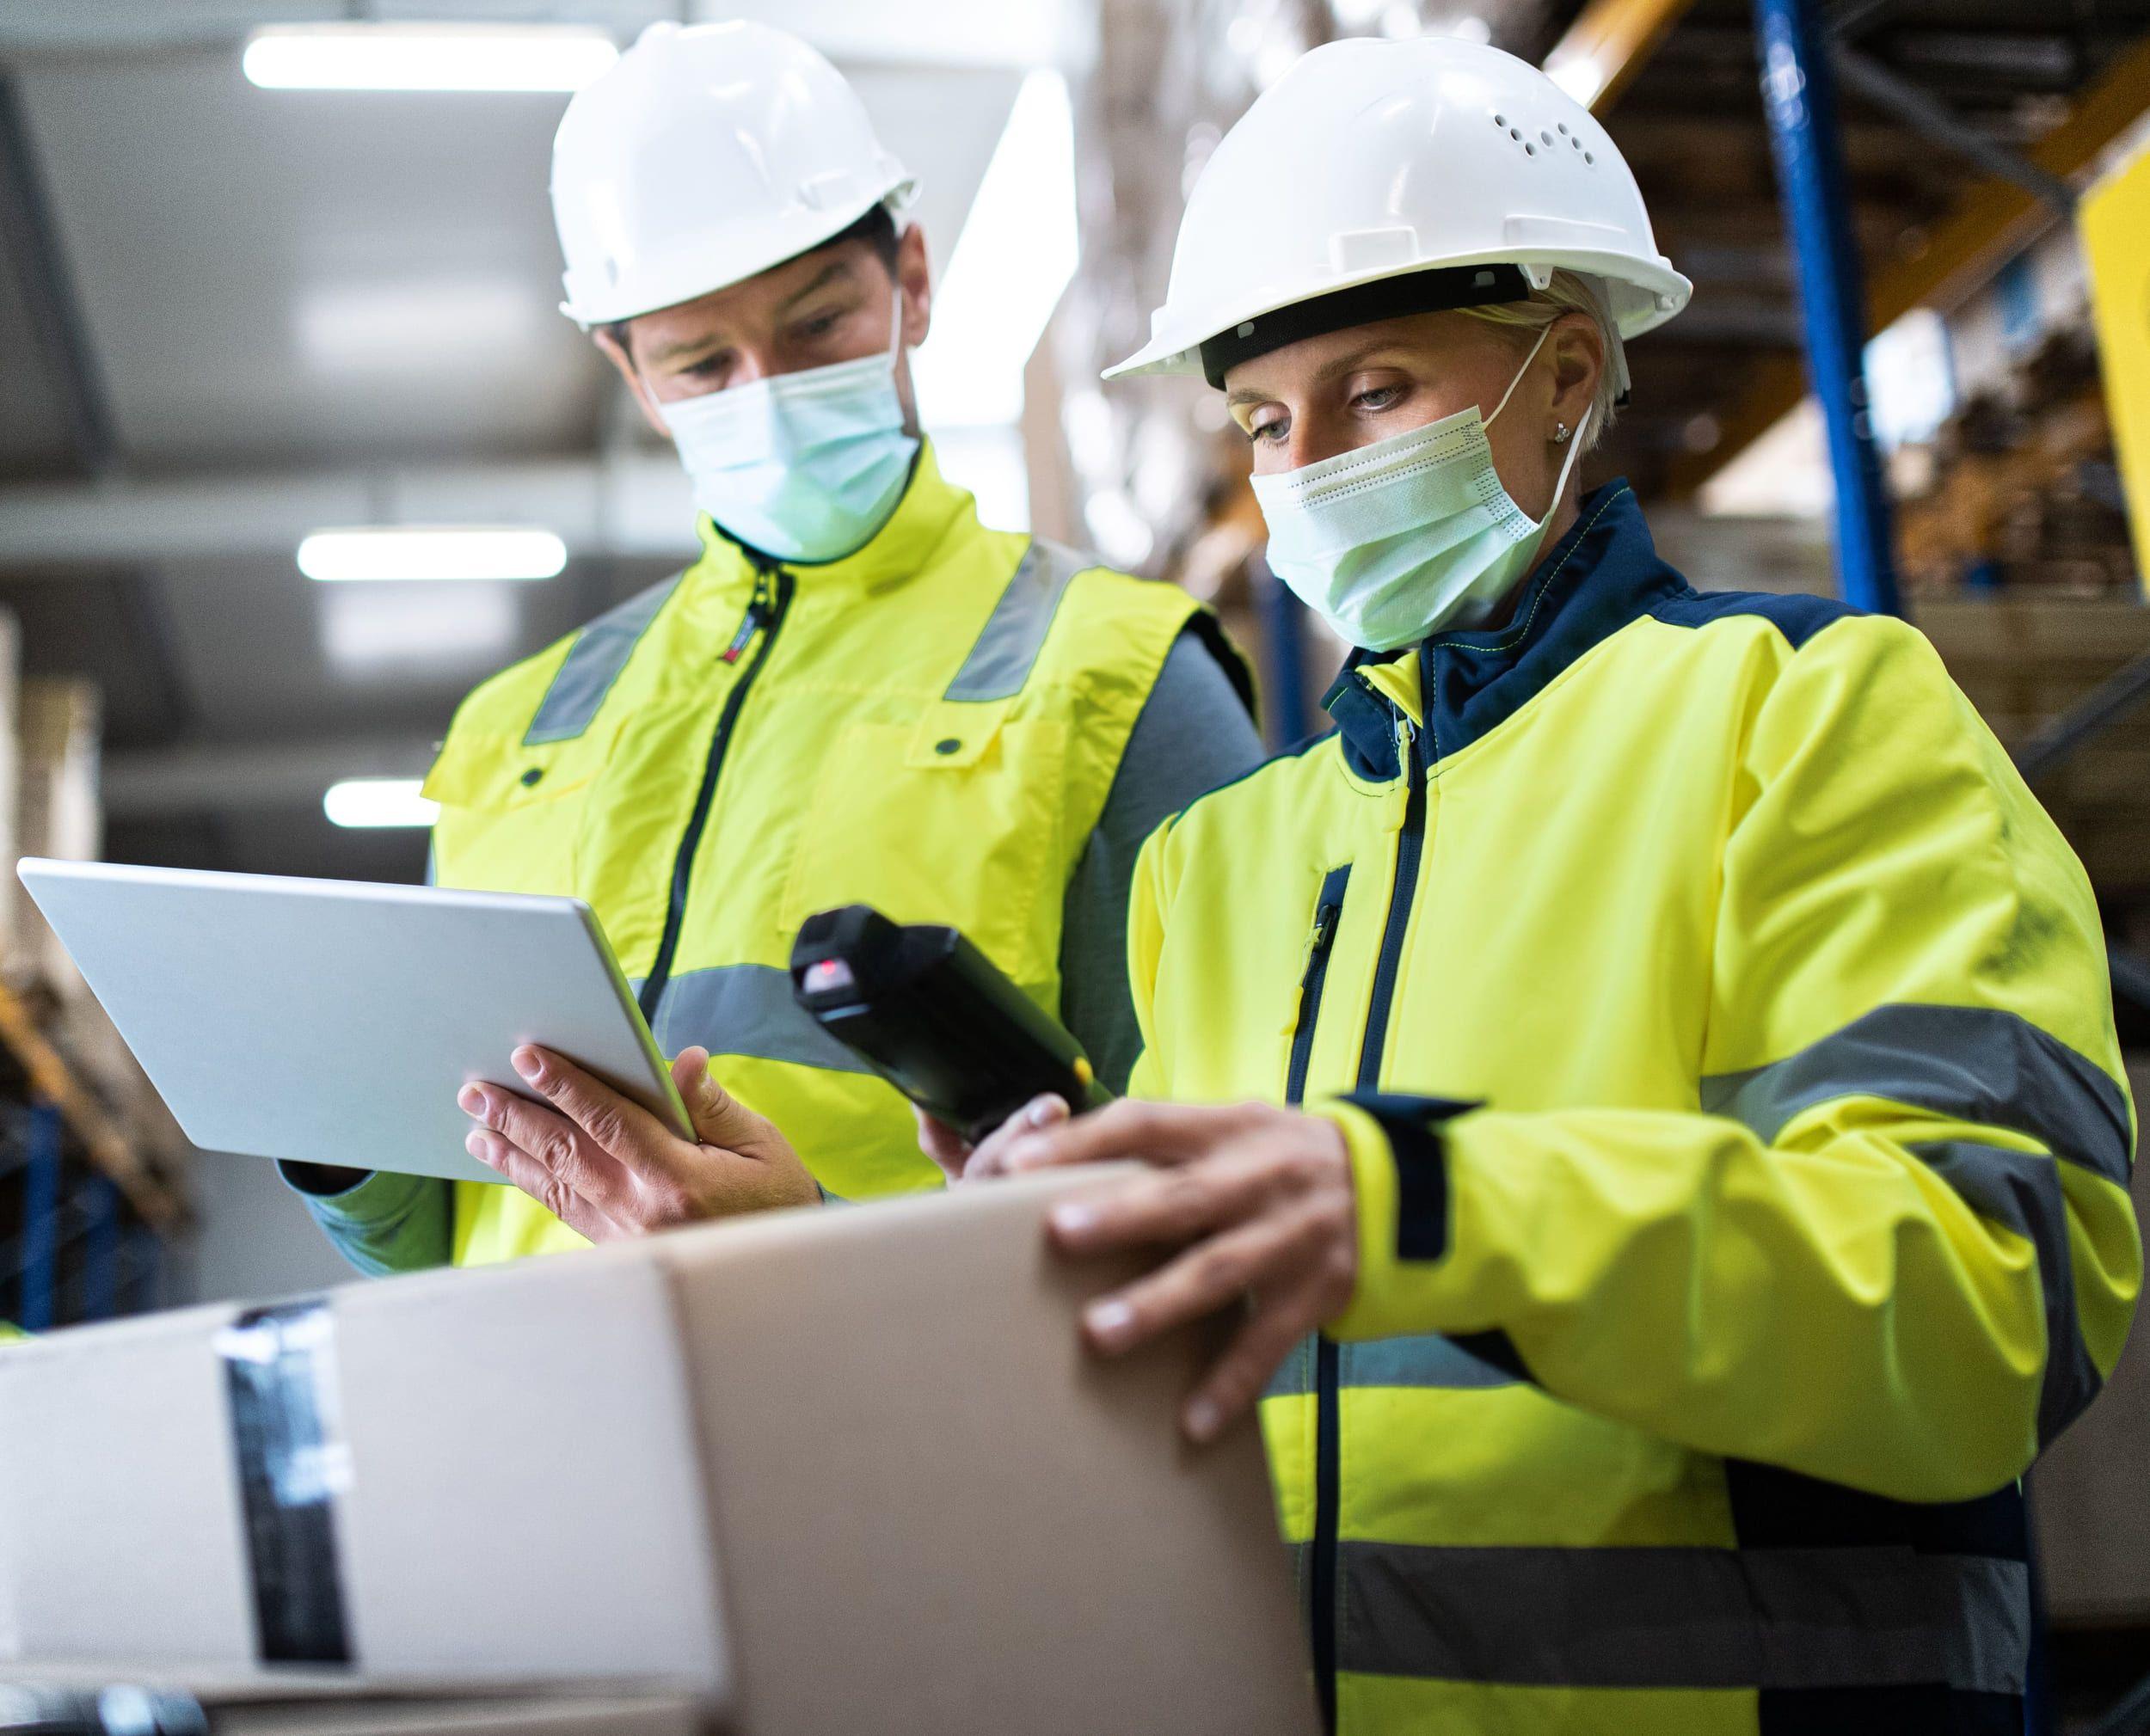 Fotografia Trabajadores de almacén con mascarillas y cascos